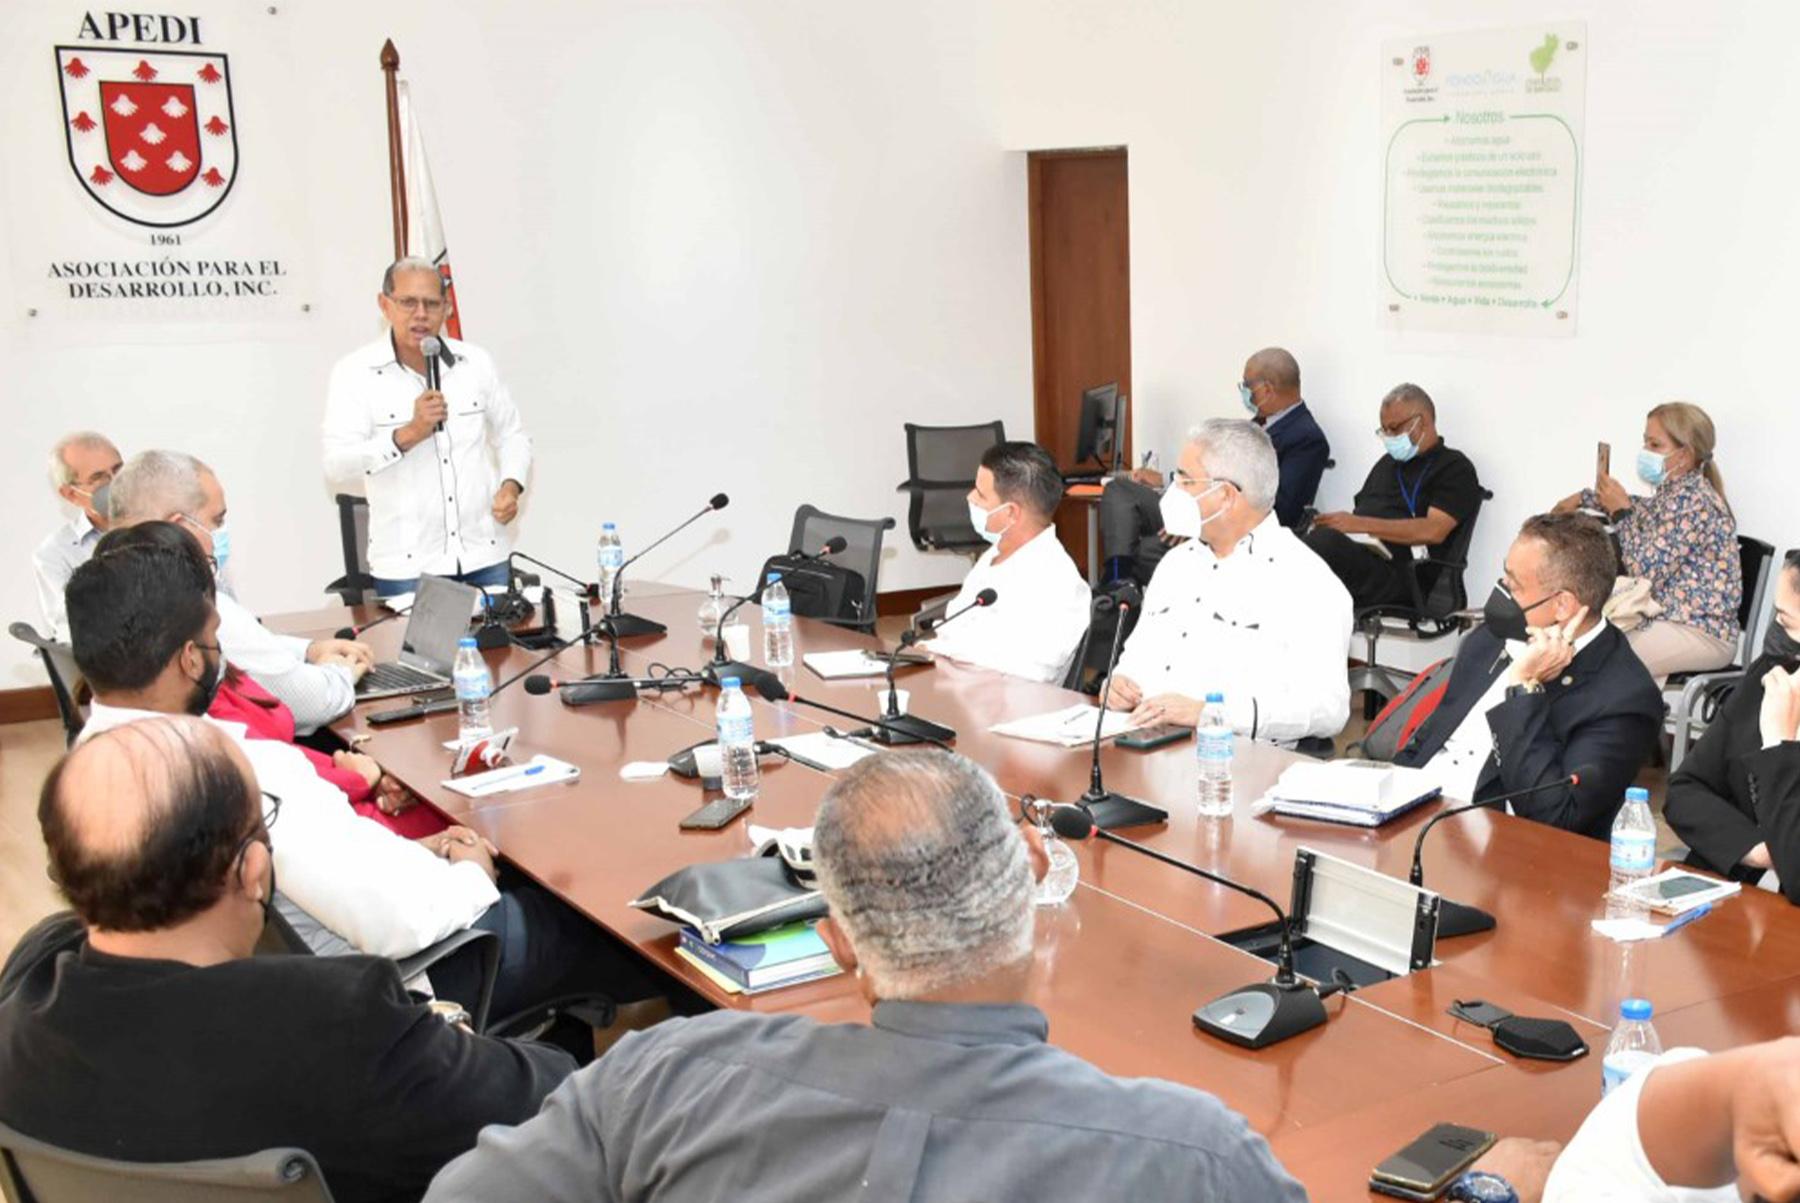 El viceministro Domingo Matías encabezó la mesa del diálogo en la que se anunció la creación de la Mesa Metropolitana de Santiago, una iniciativa de consenso para la búsqueda de soluciones al uso racional del suelo y sus territorios.